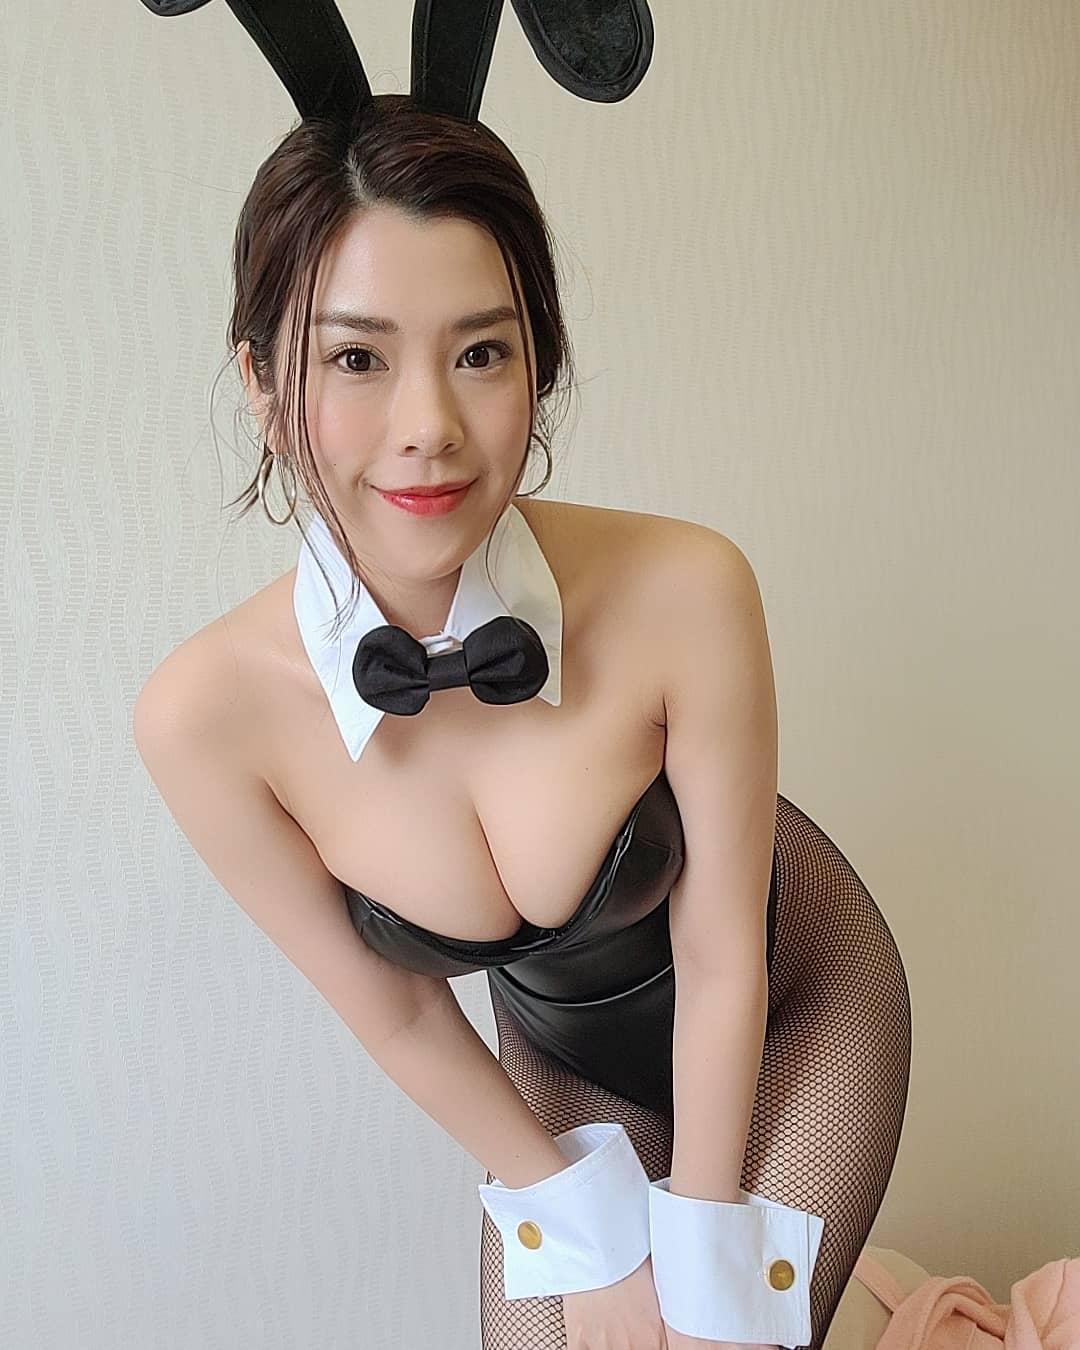 「おはようさぎ」セクシーバニーガール衣装姿でファンを魅了【内田瑞穂さん/2021年5月4日】